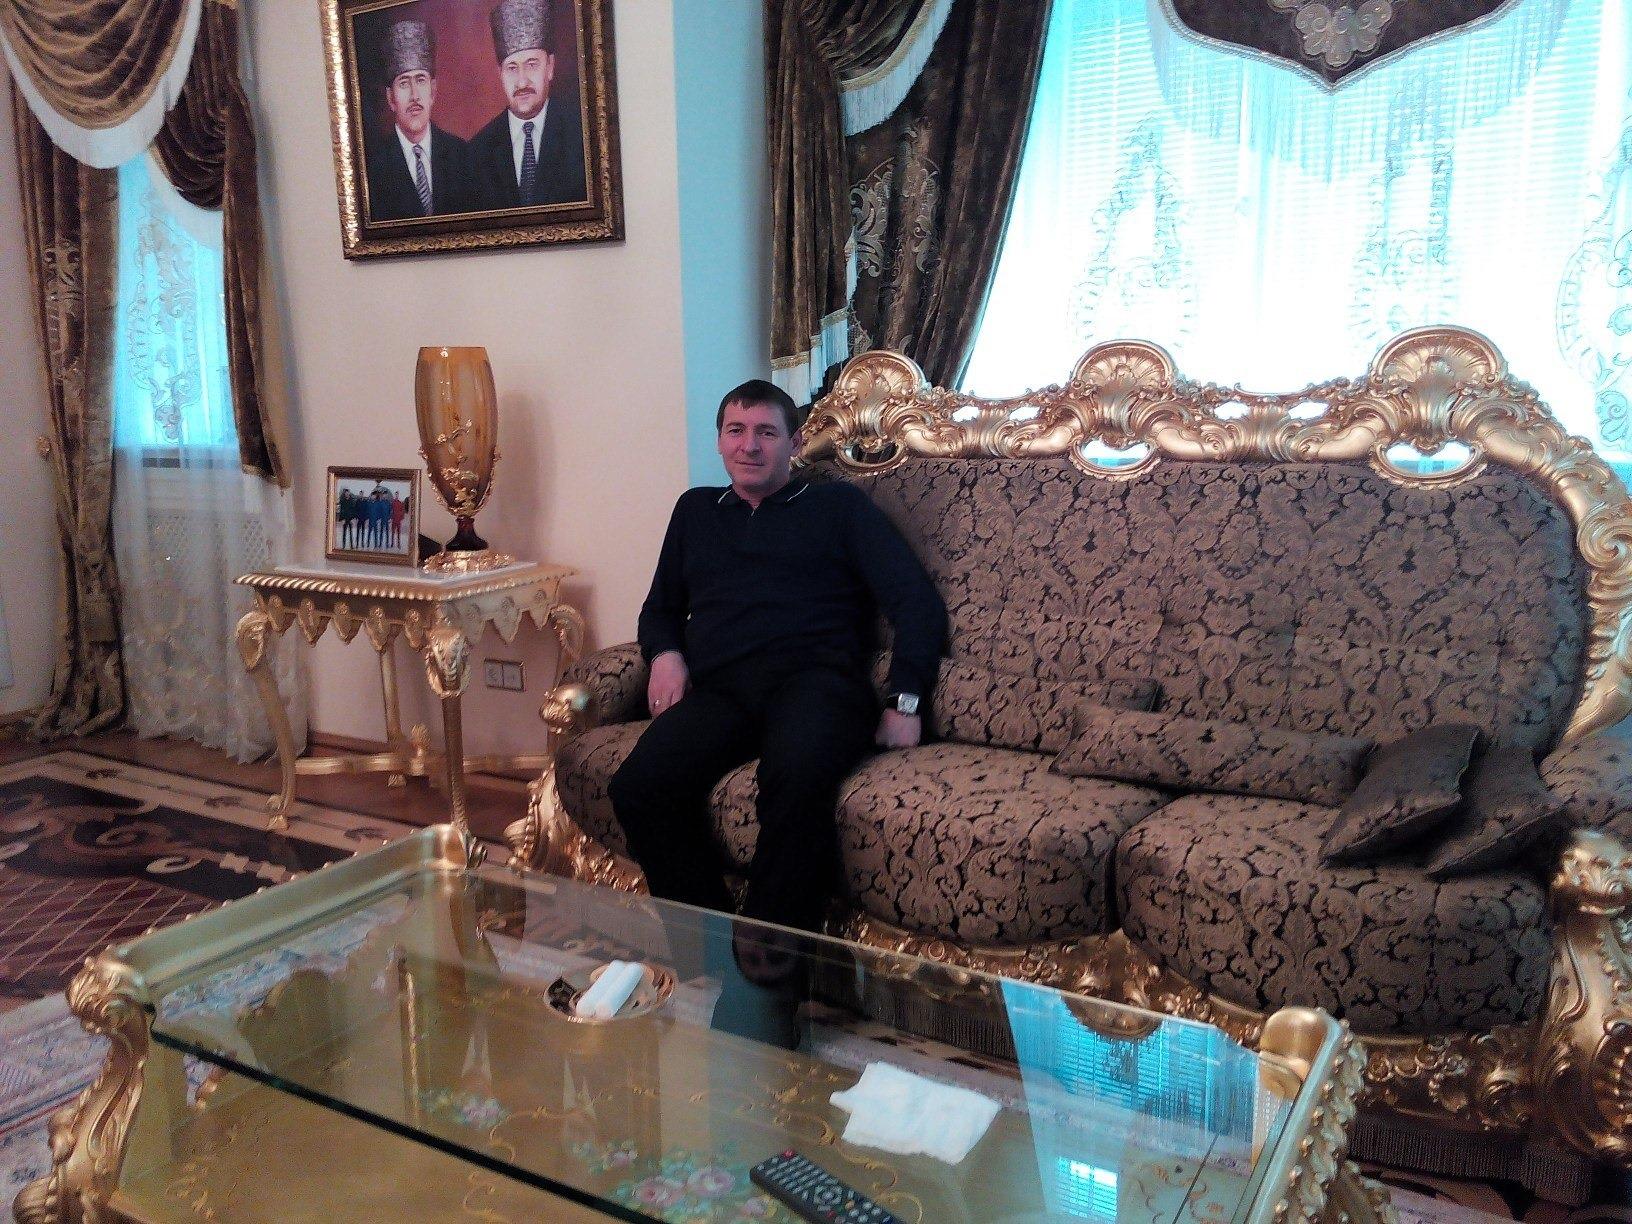 Али Алиев в резиденции семьи Делимхановых в Джалке. Фото: его аккаунт во «Вконтакте»